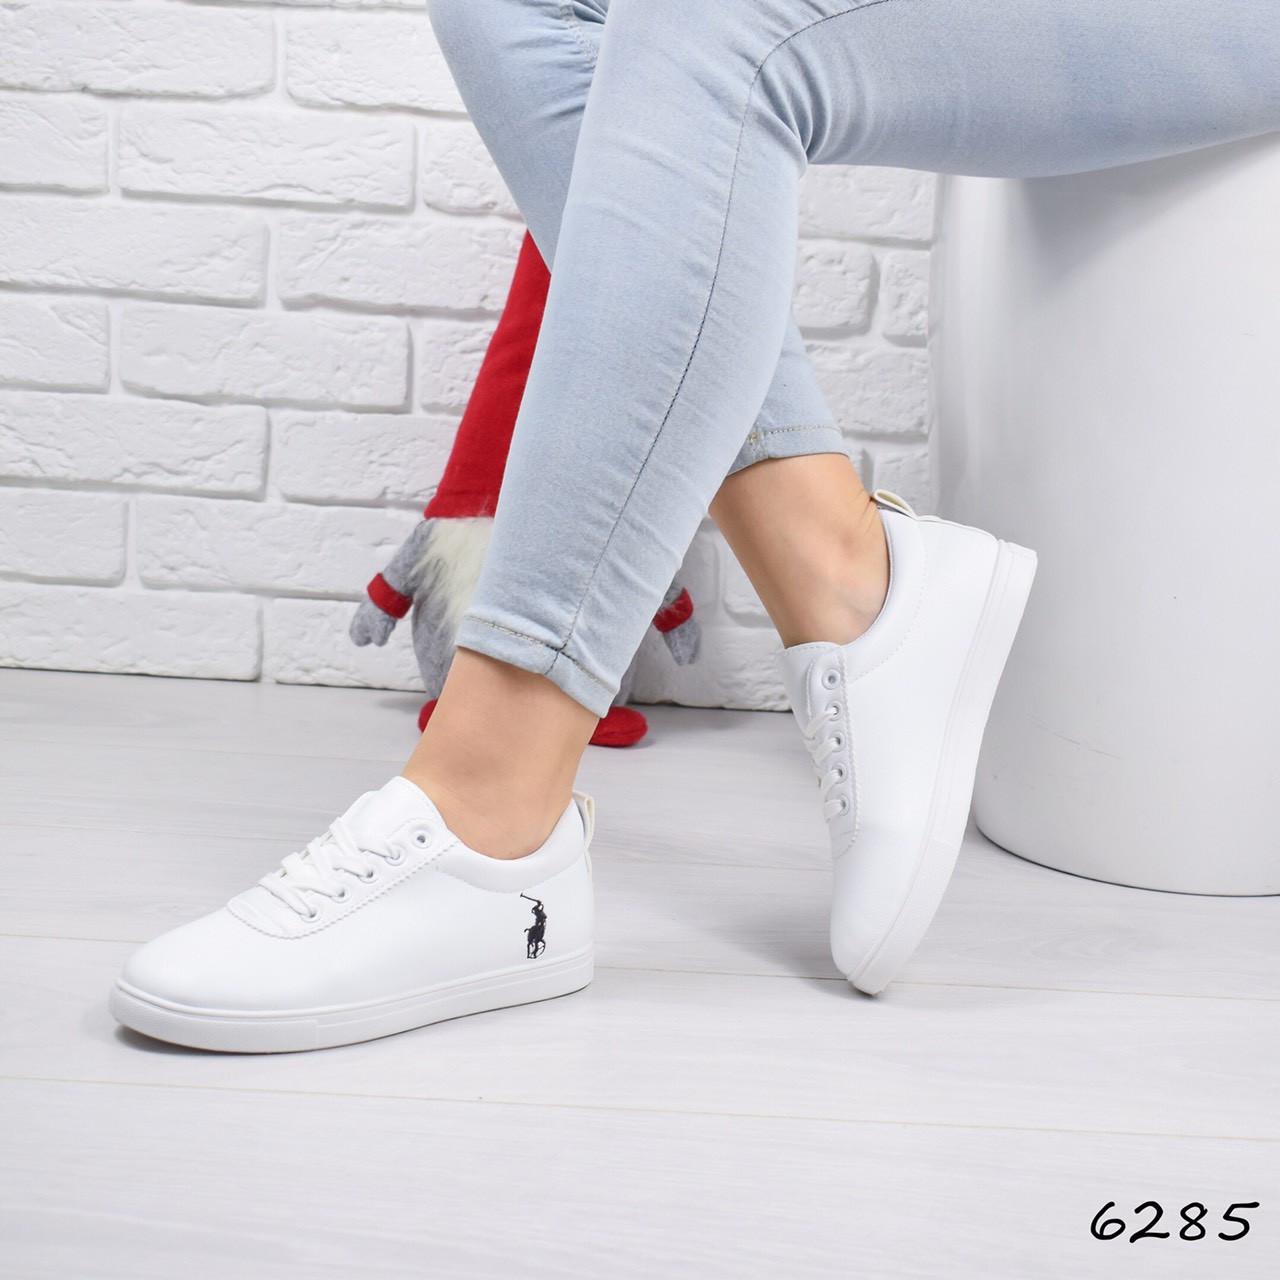 a06bfa3a Женские белые кроссовки кеды слипоны на шнуровке: продажа, цена в ...